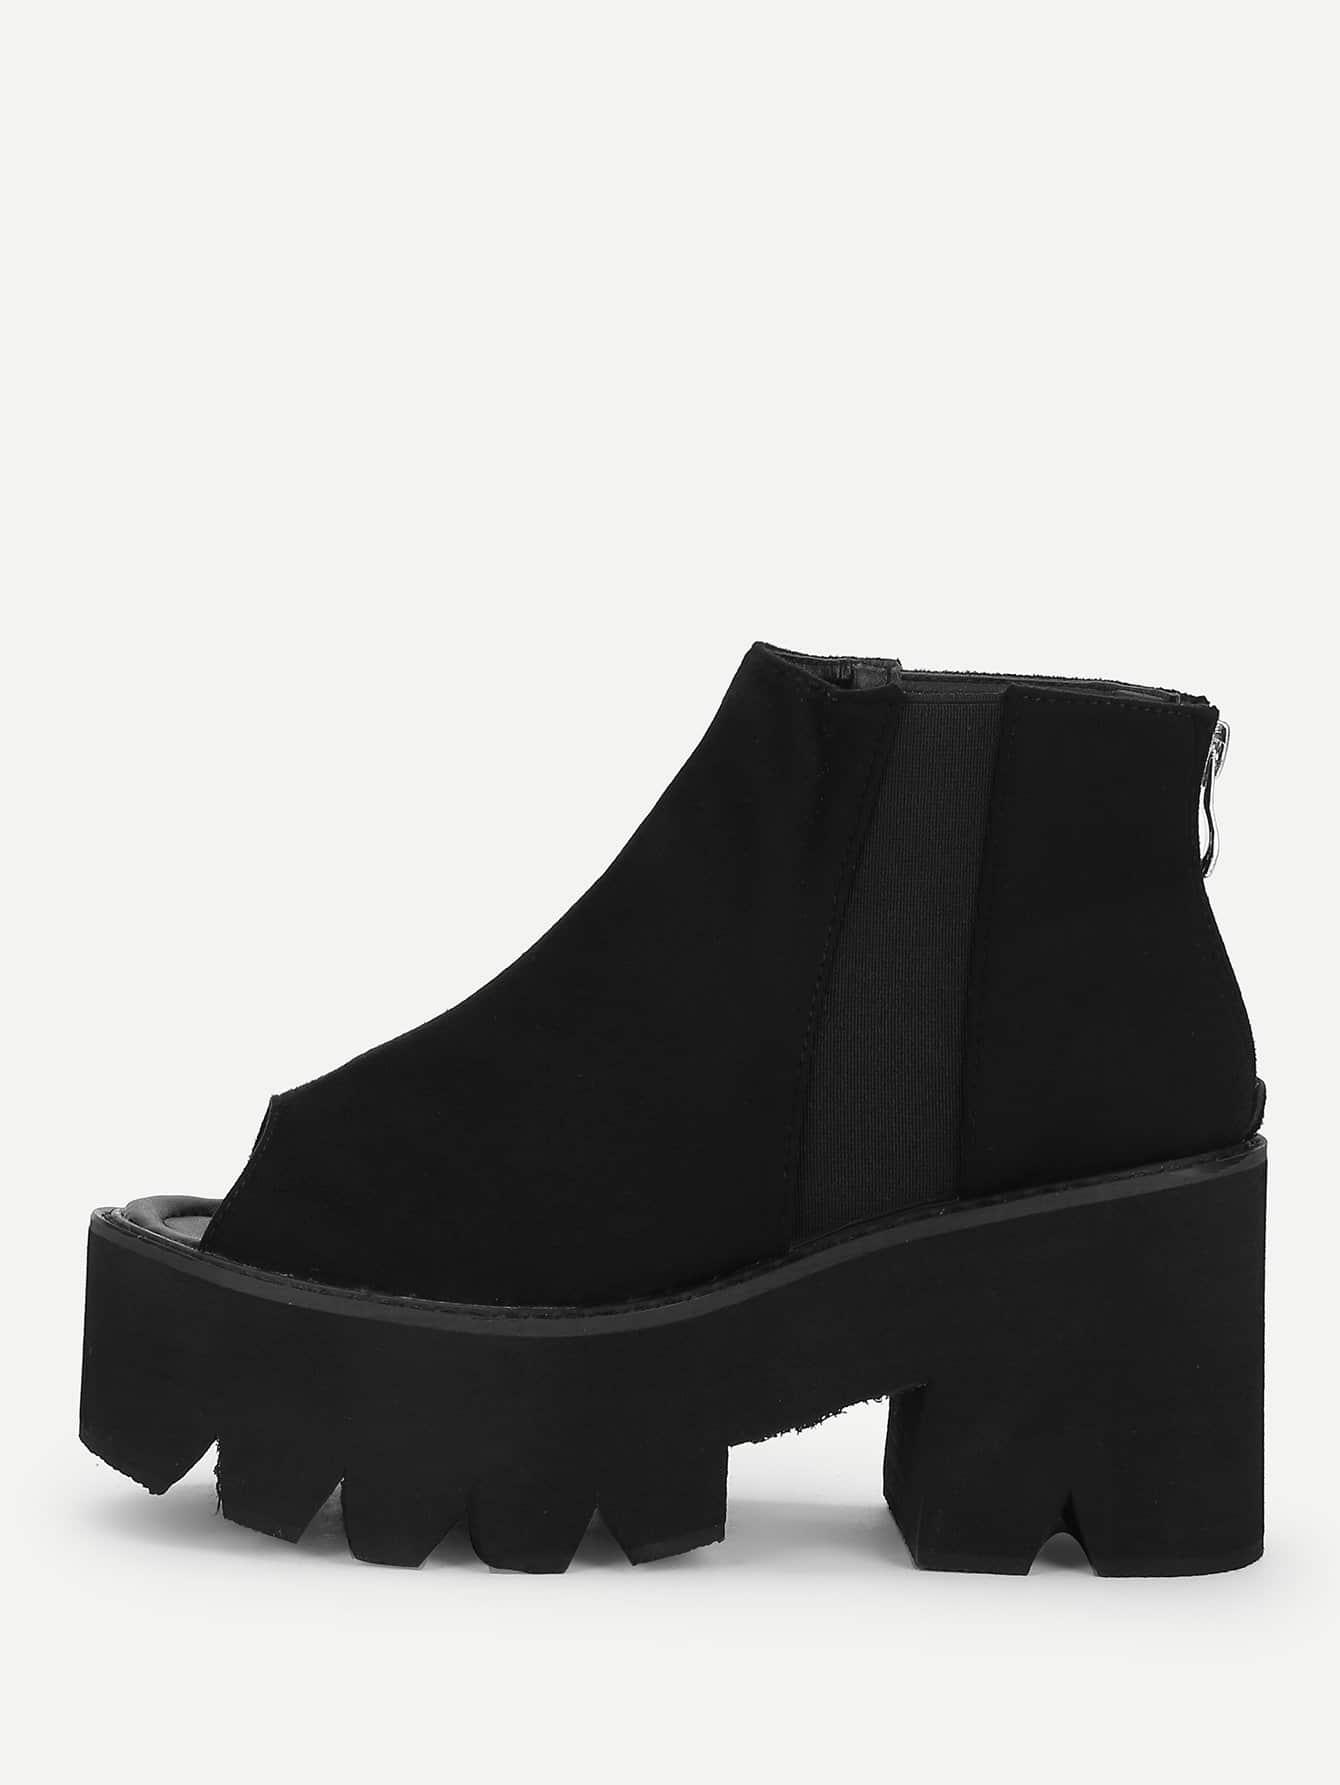 Купить Сапоги на высоких каблуках и с открытой пальцы ноги, null, SheIn